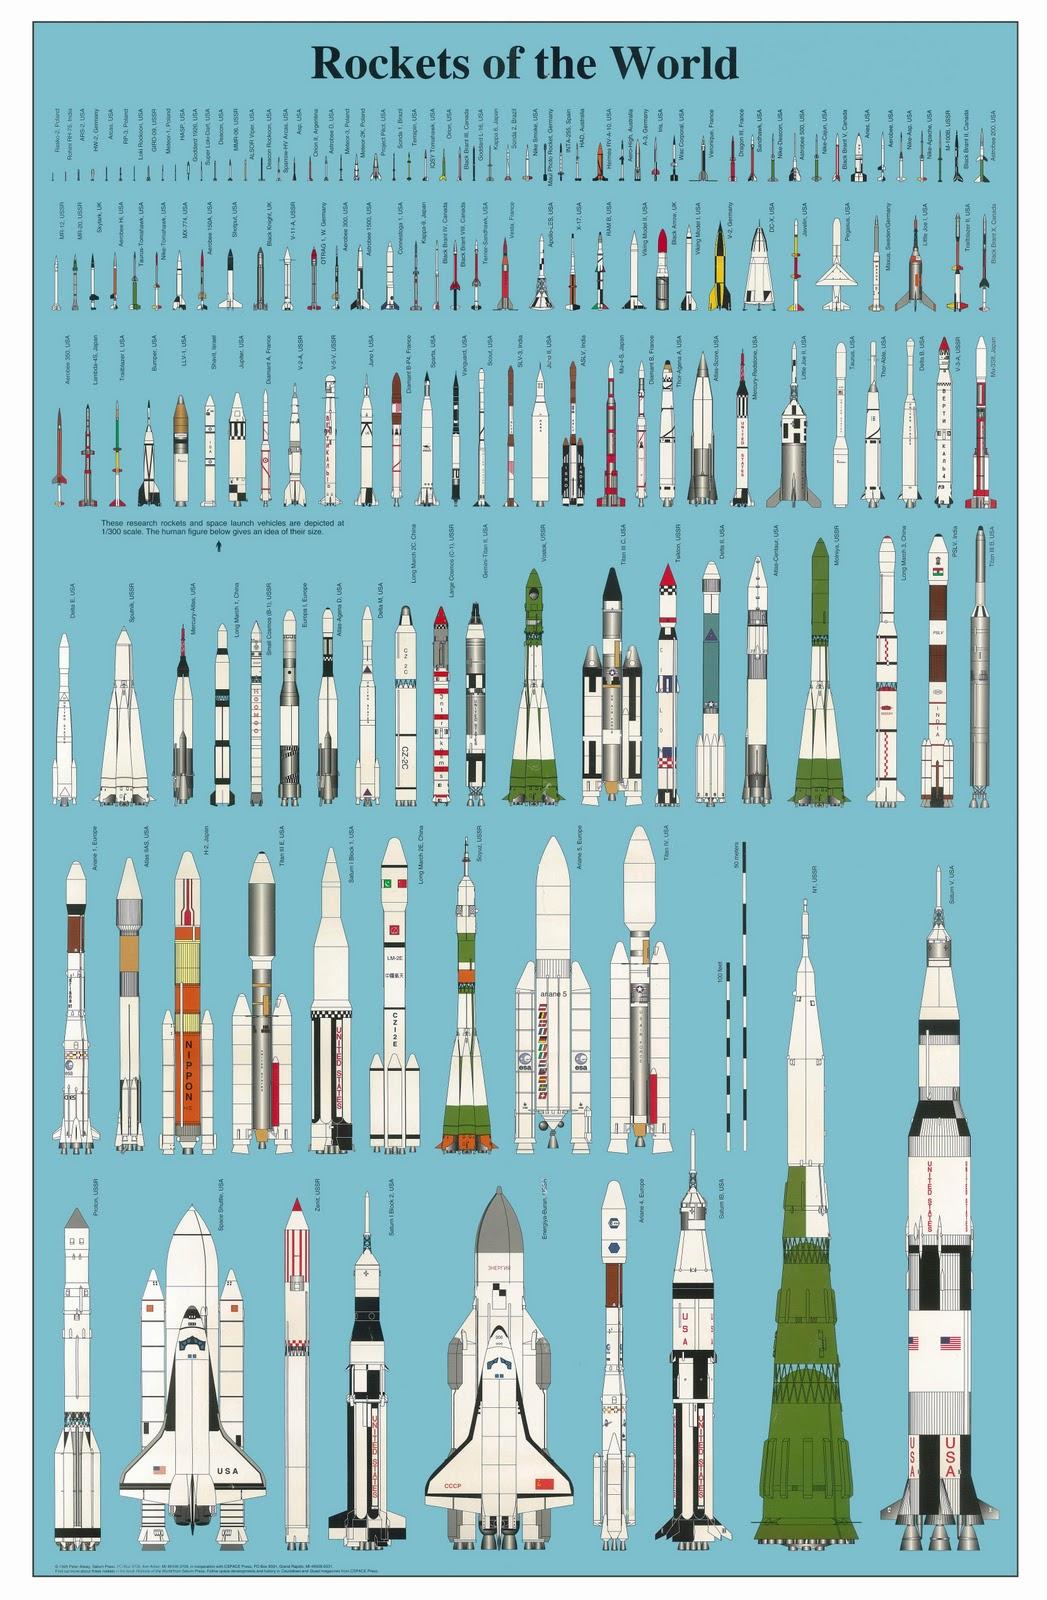 http://4.bp.blogspot.com/_JGgzOkYhIb0/TQJasx6gEwI/AAAAAAAAHgo/hnYA6uqRQfM/s1600/rockets1_sm.jpg